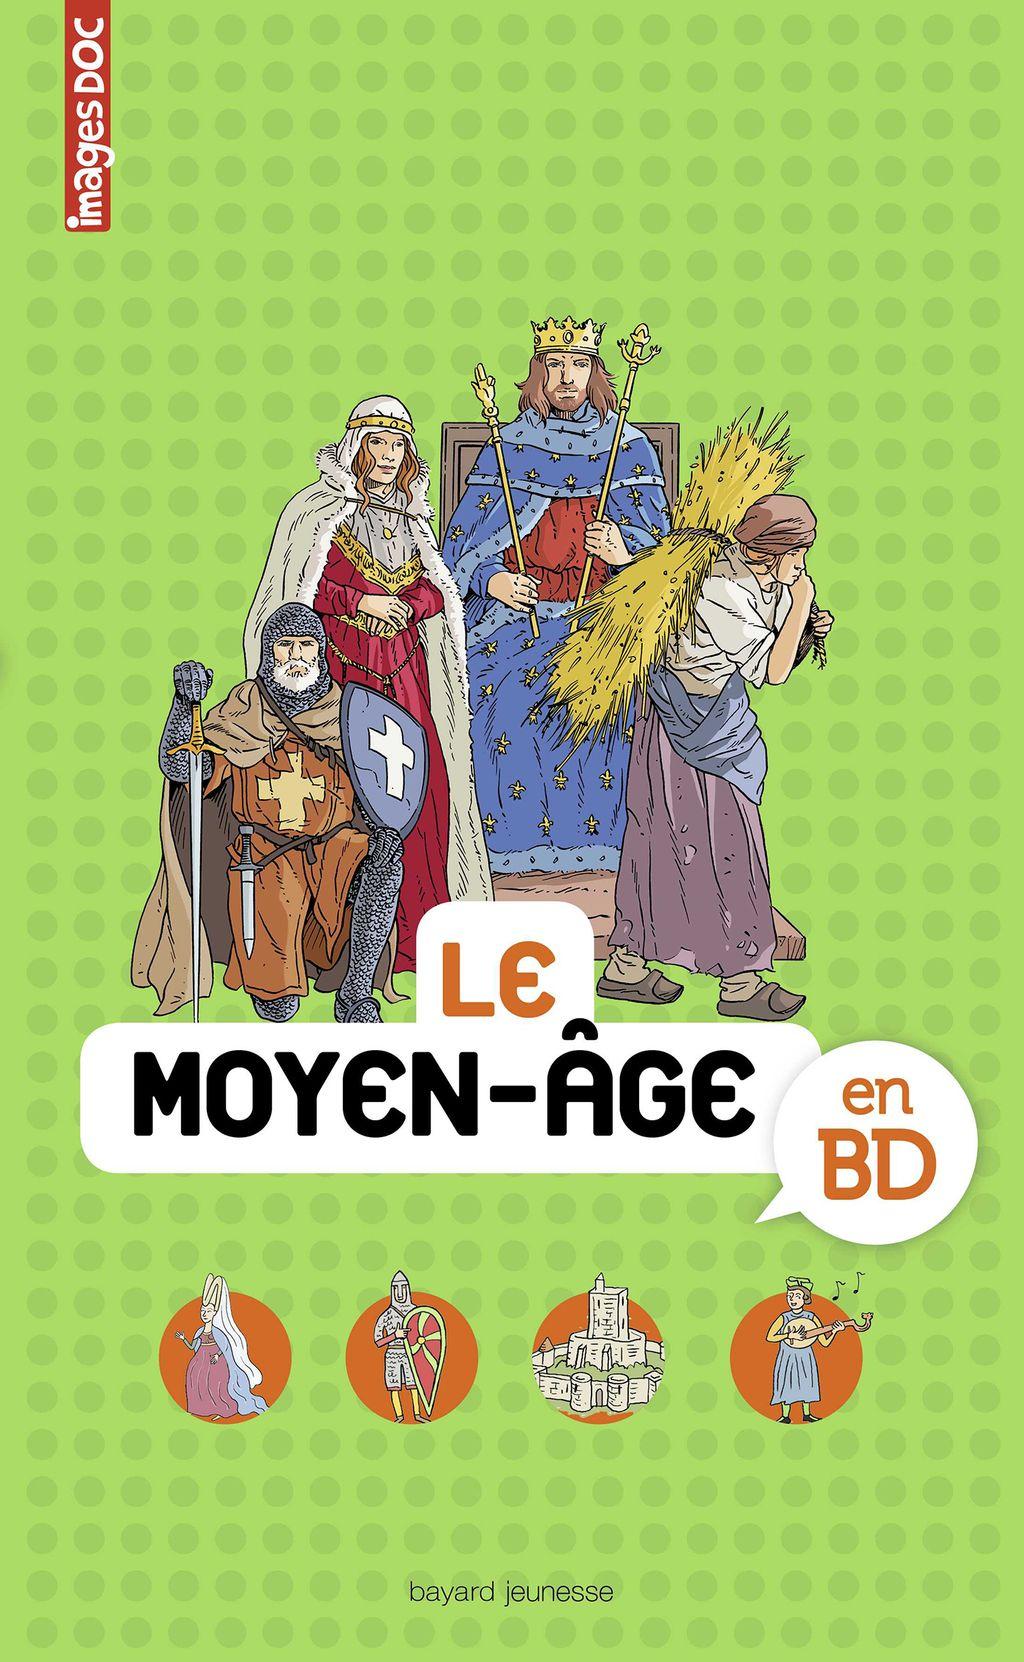 «Au temps des chevaliers en BD» cover